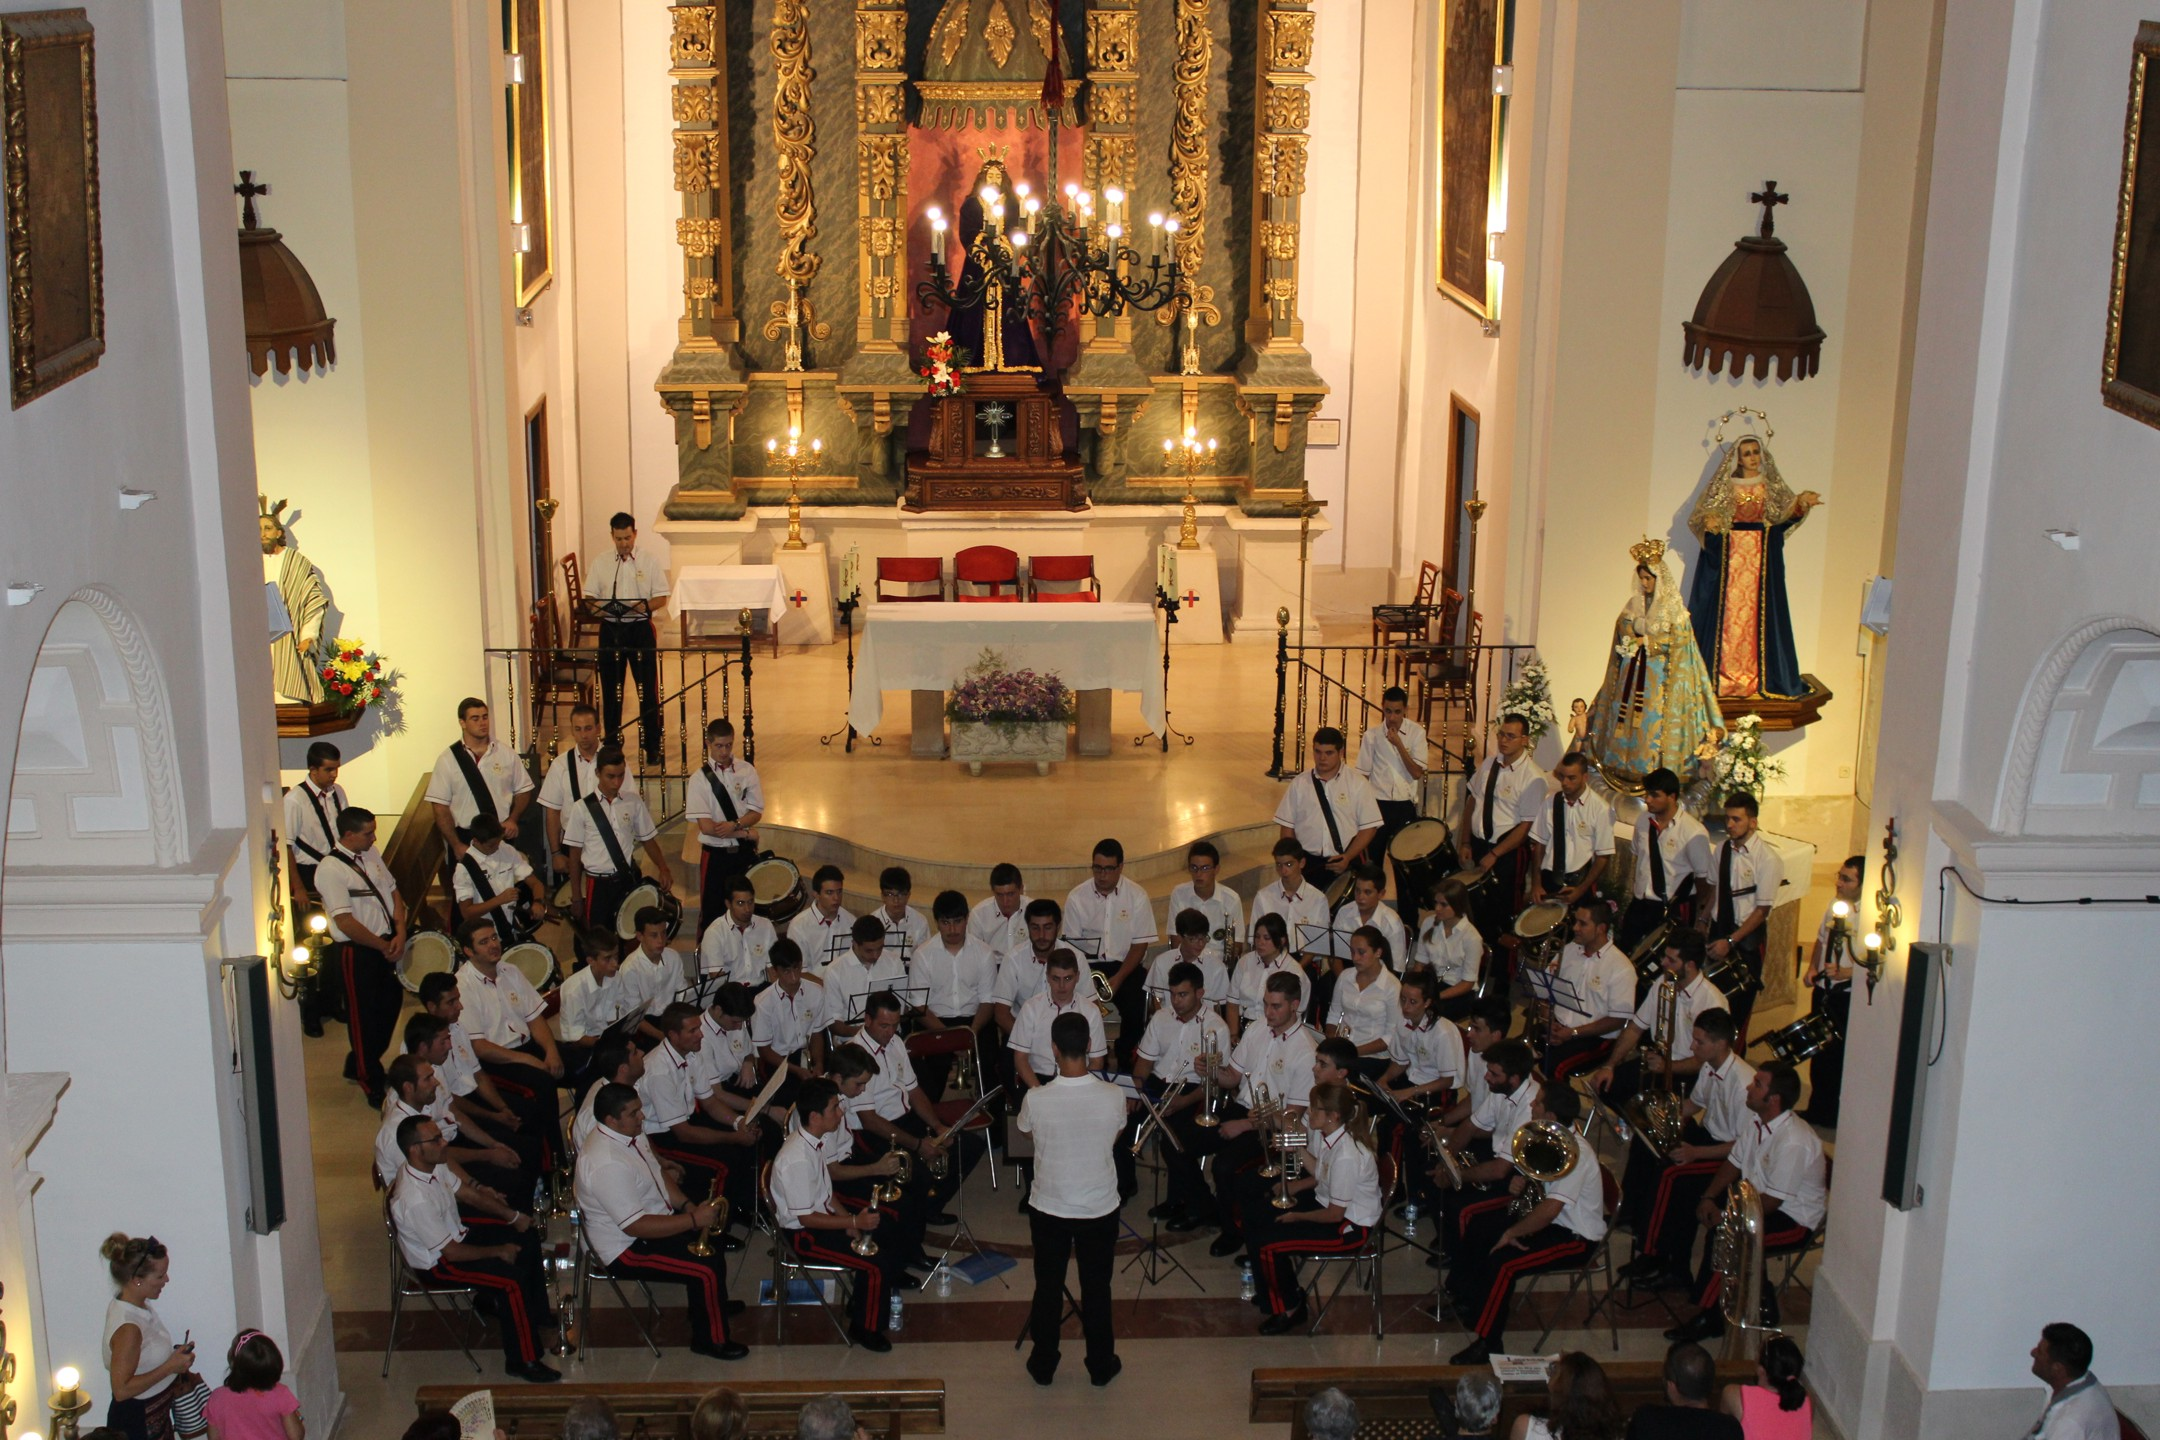 La Banda de CC.TT Nuestro Padre Jesús Rescatado celebrará en Villanueva de los Infantes un concierto didáctico en honor a Santa Cecilia